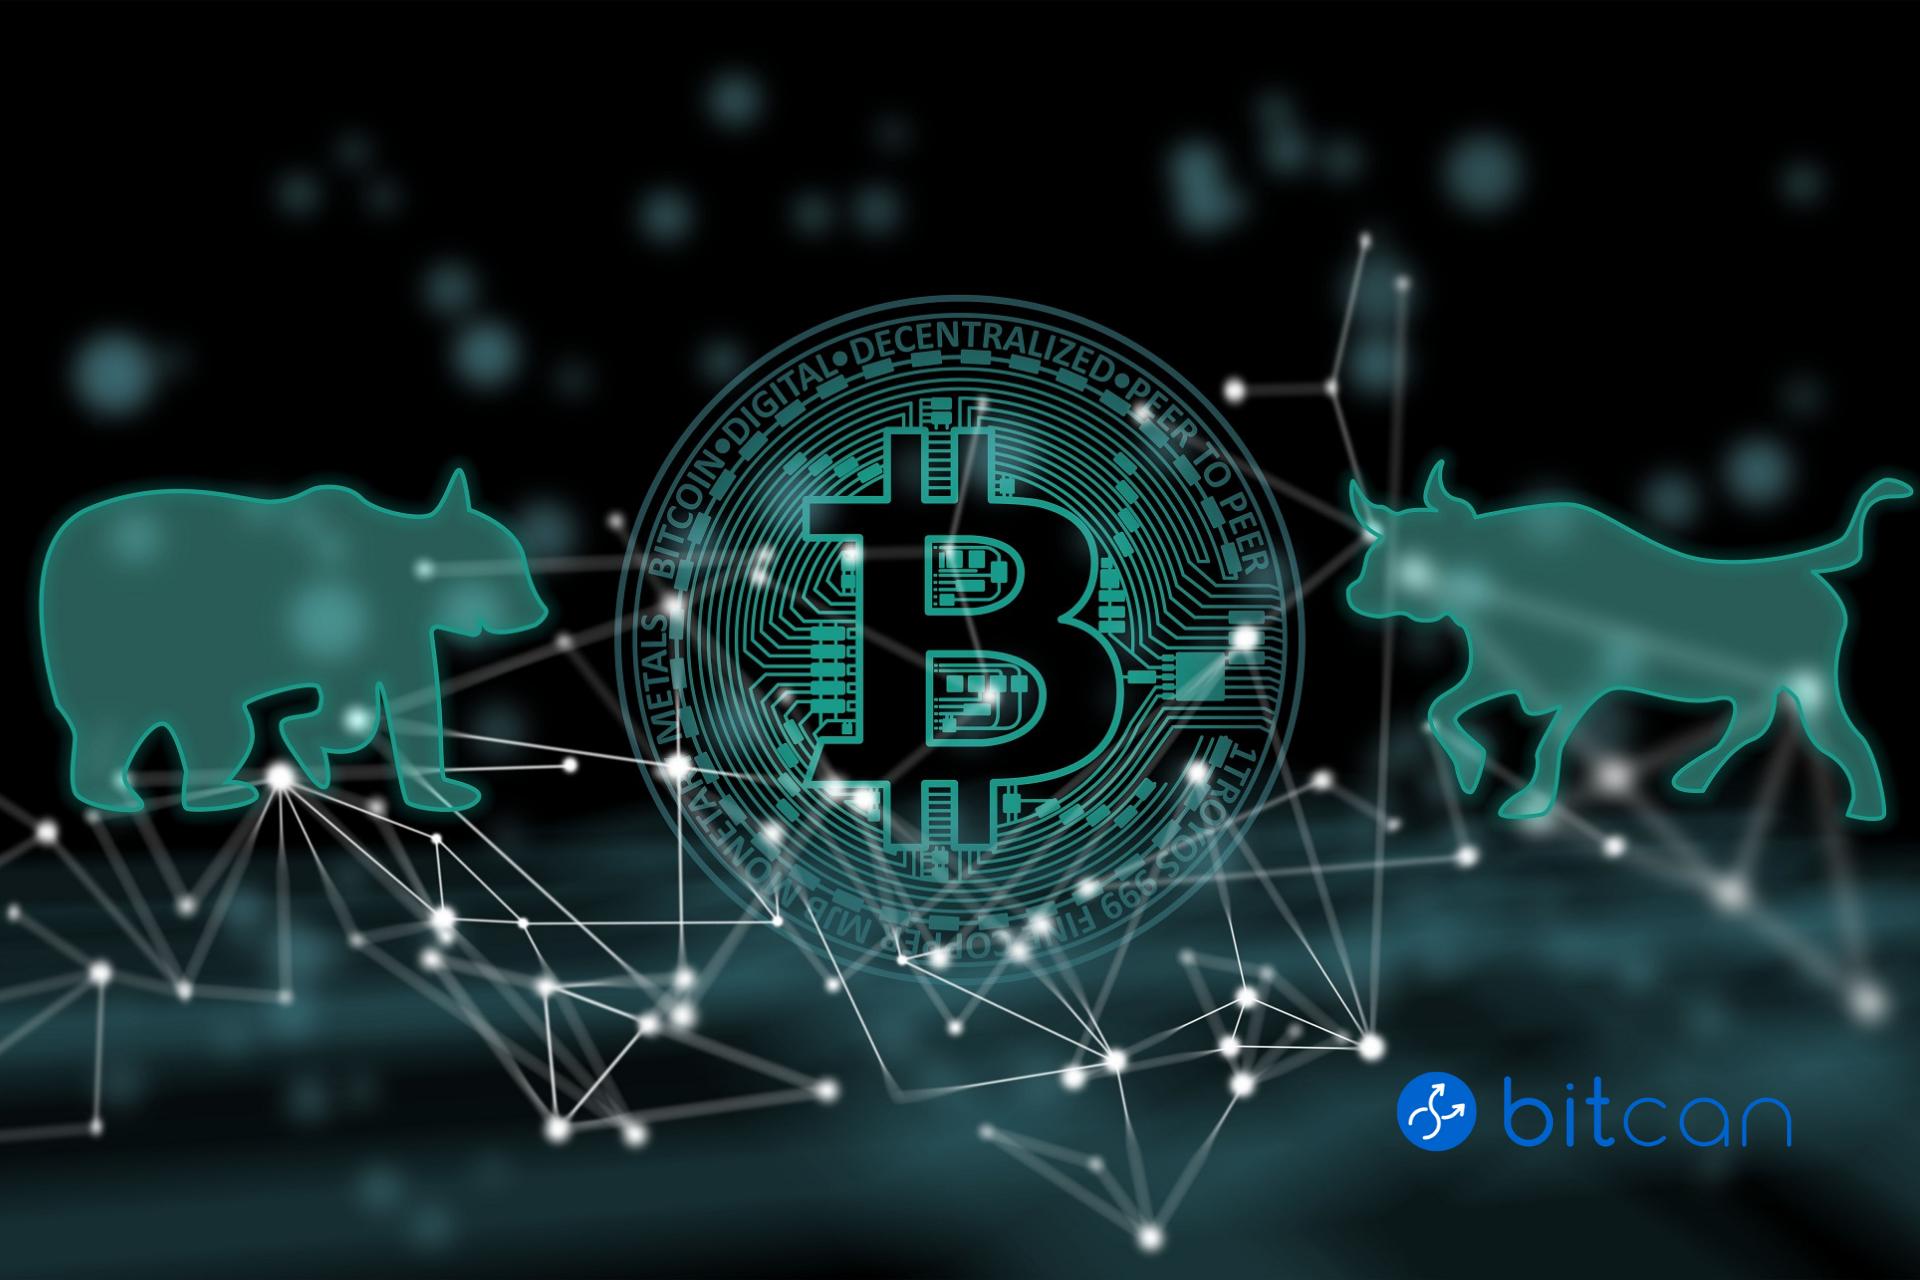 Dlaczego bitcoin tanieje? Czyli o wartości najstarszej kryptowaluty.